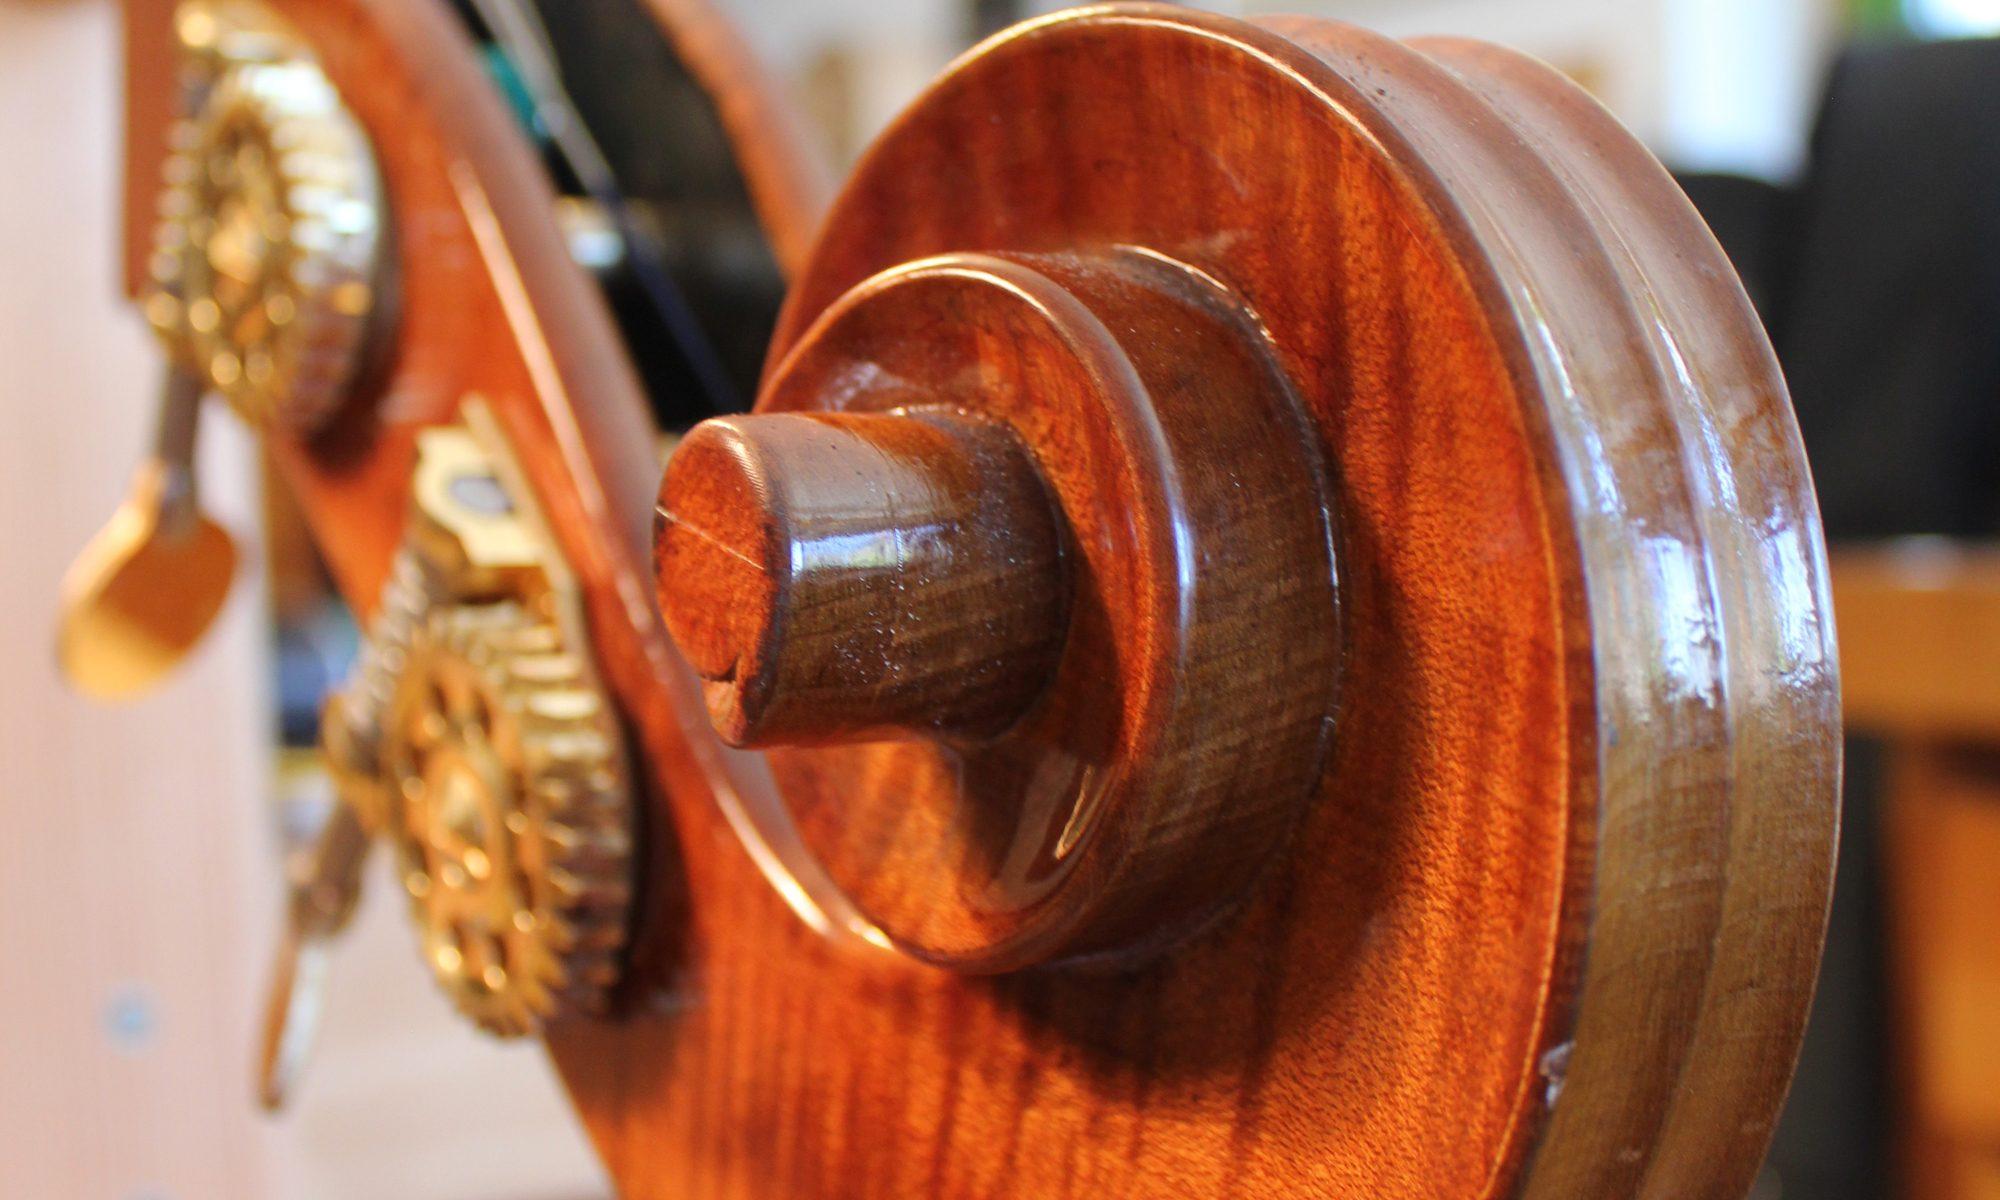 Geigenbau Stefanie Bille